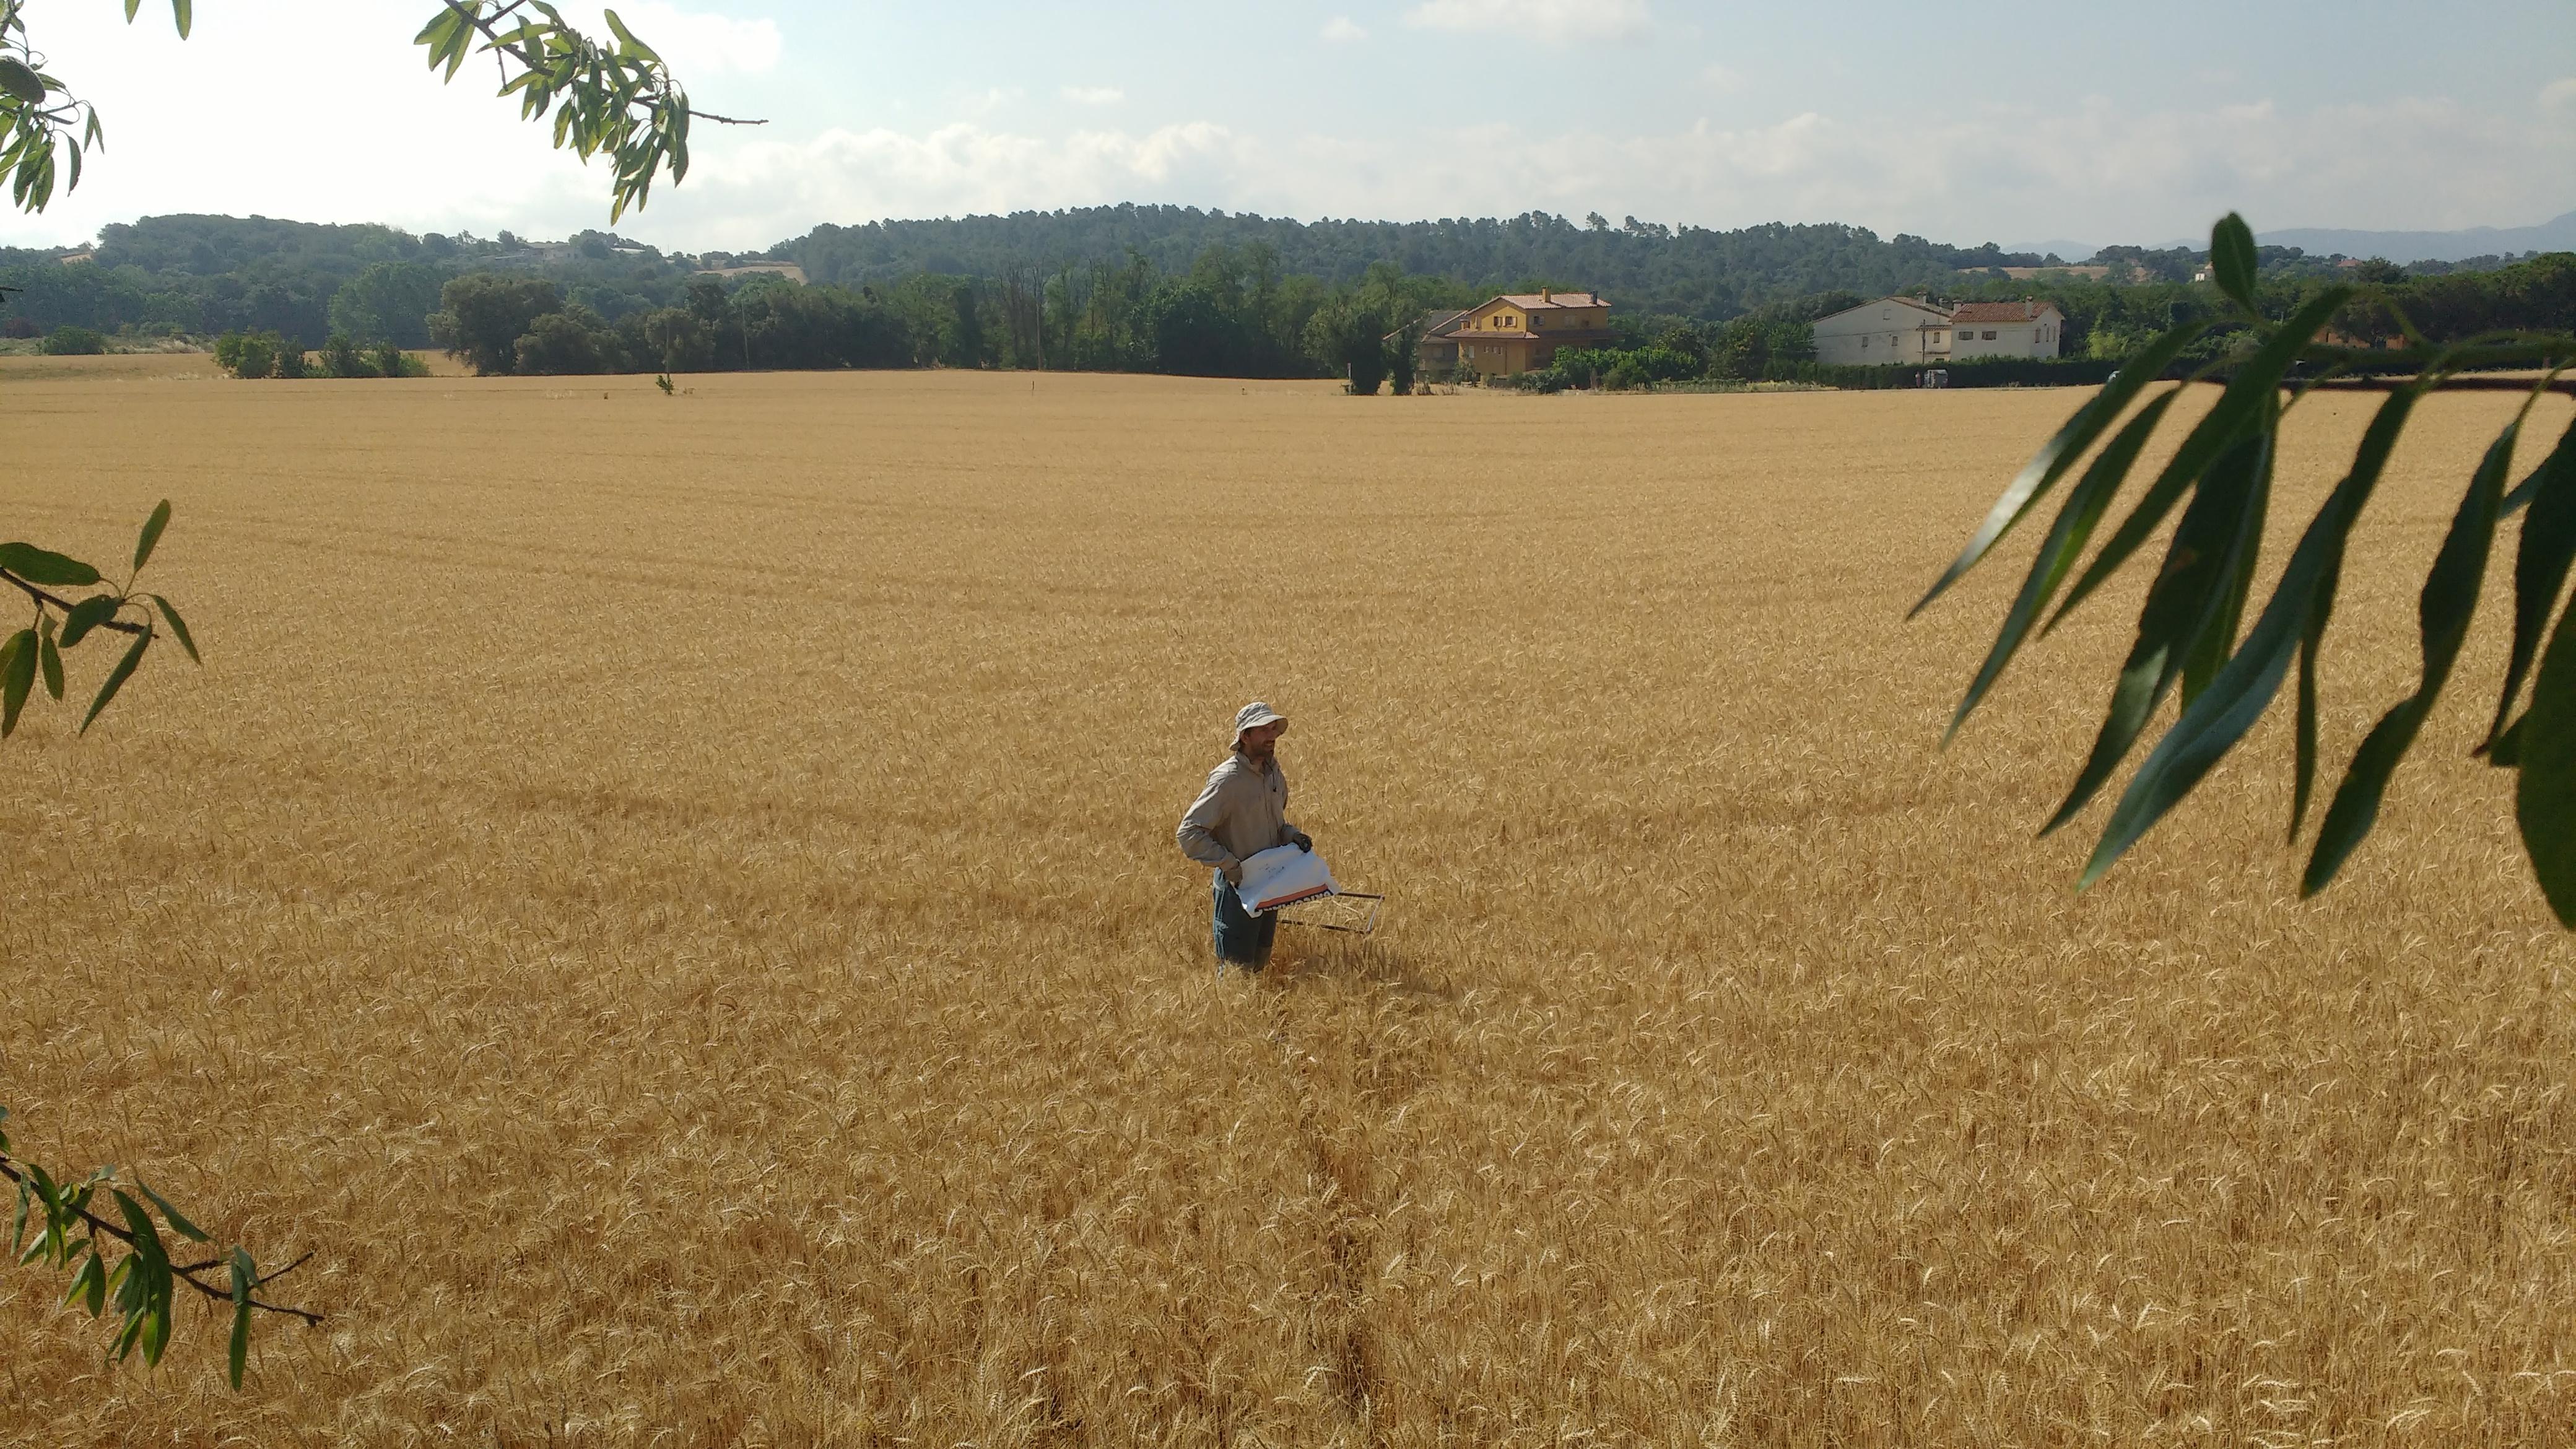 Campo de trigo en Franquesas del Vallés (Barcelona), uno de los analizados en el trabajo. Imagen: David Sánchez Pescador / CSIC